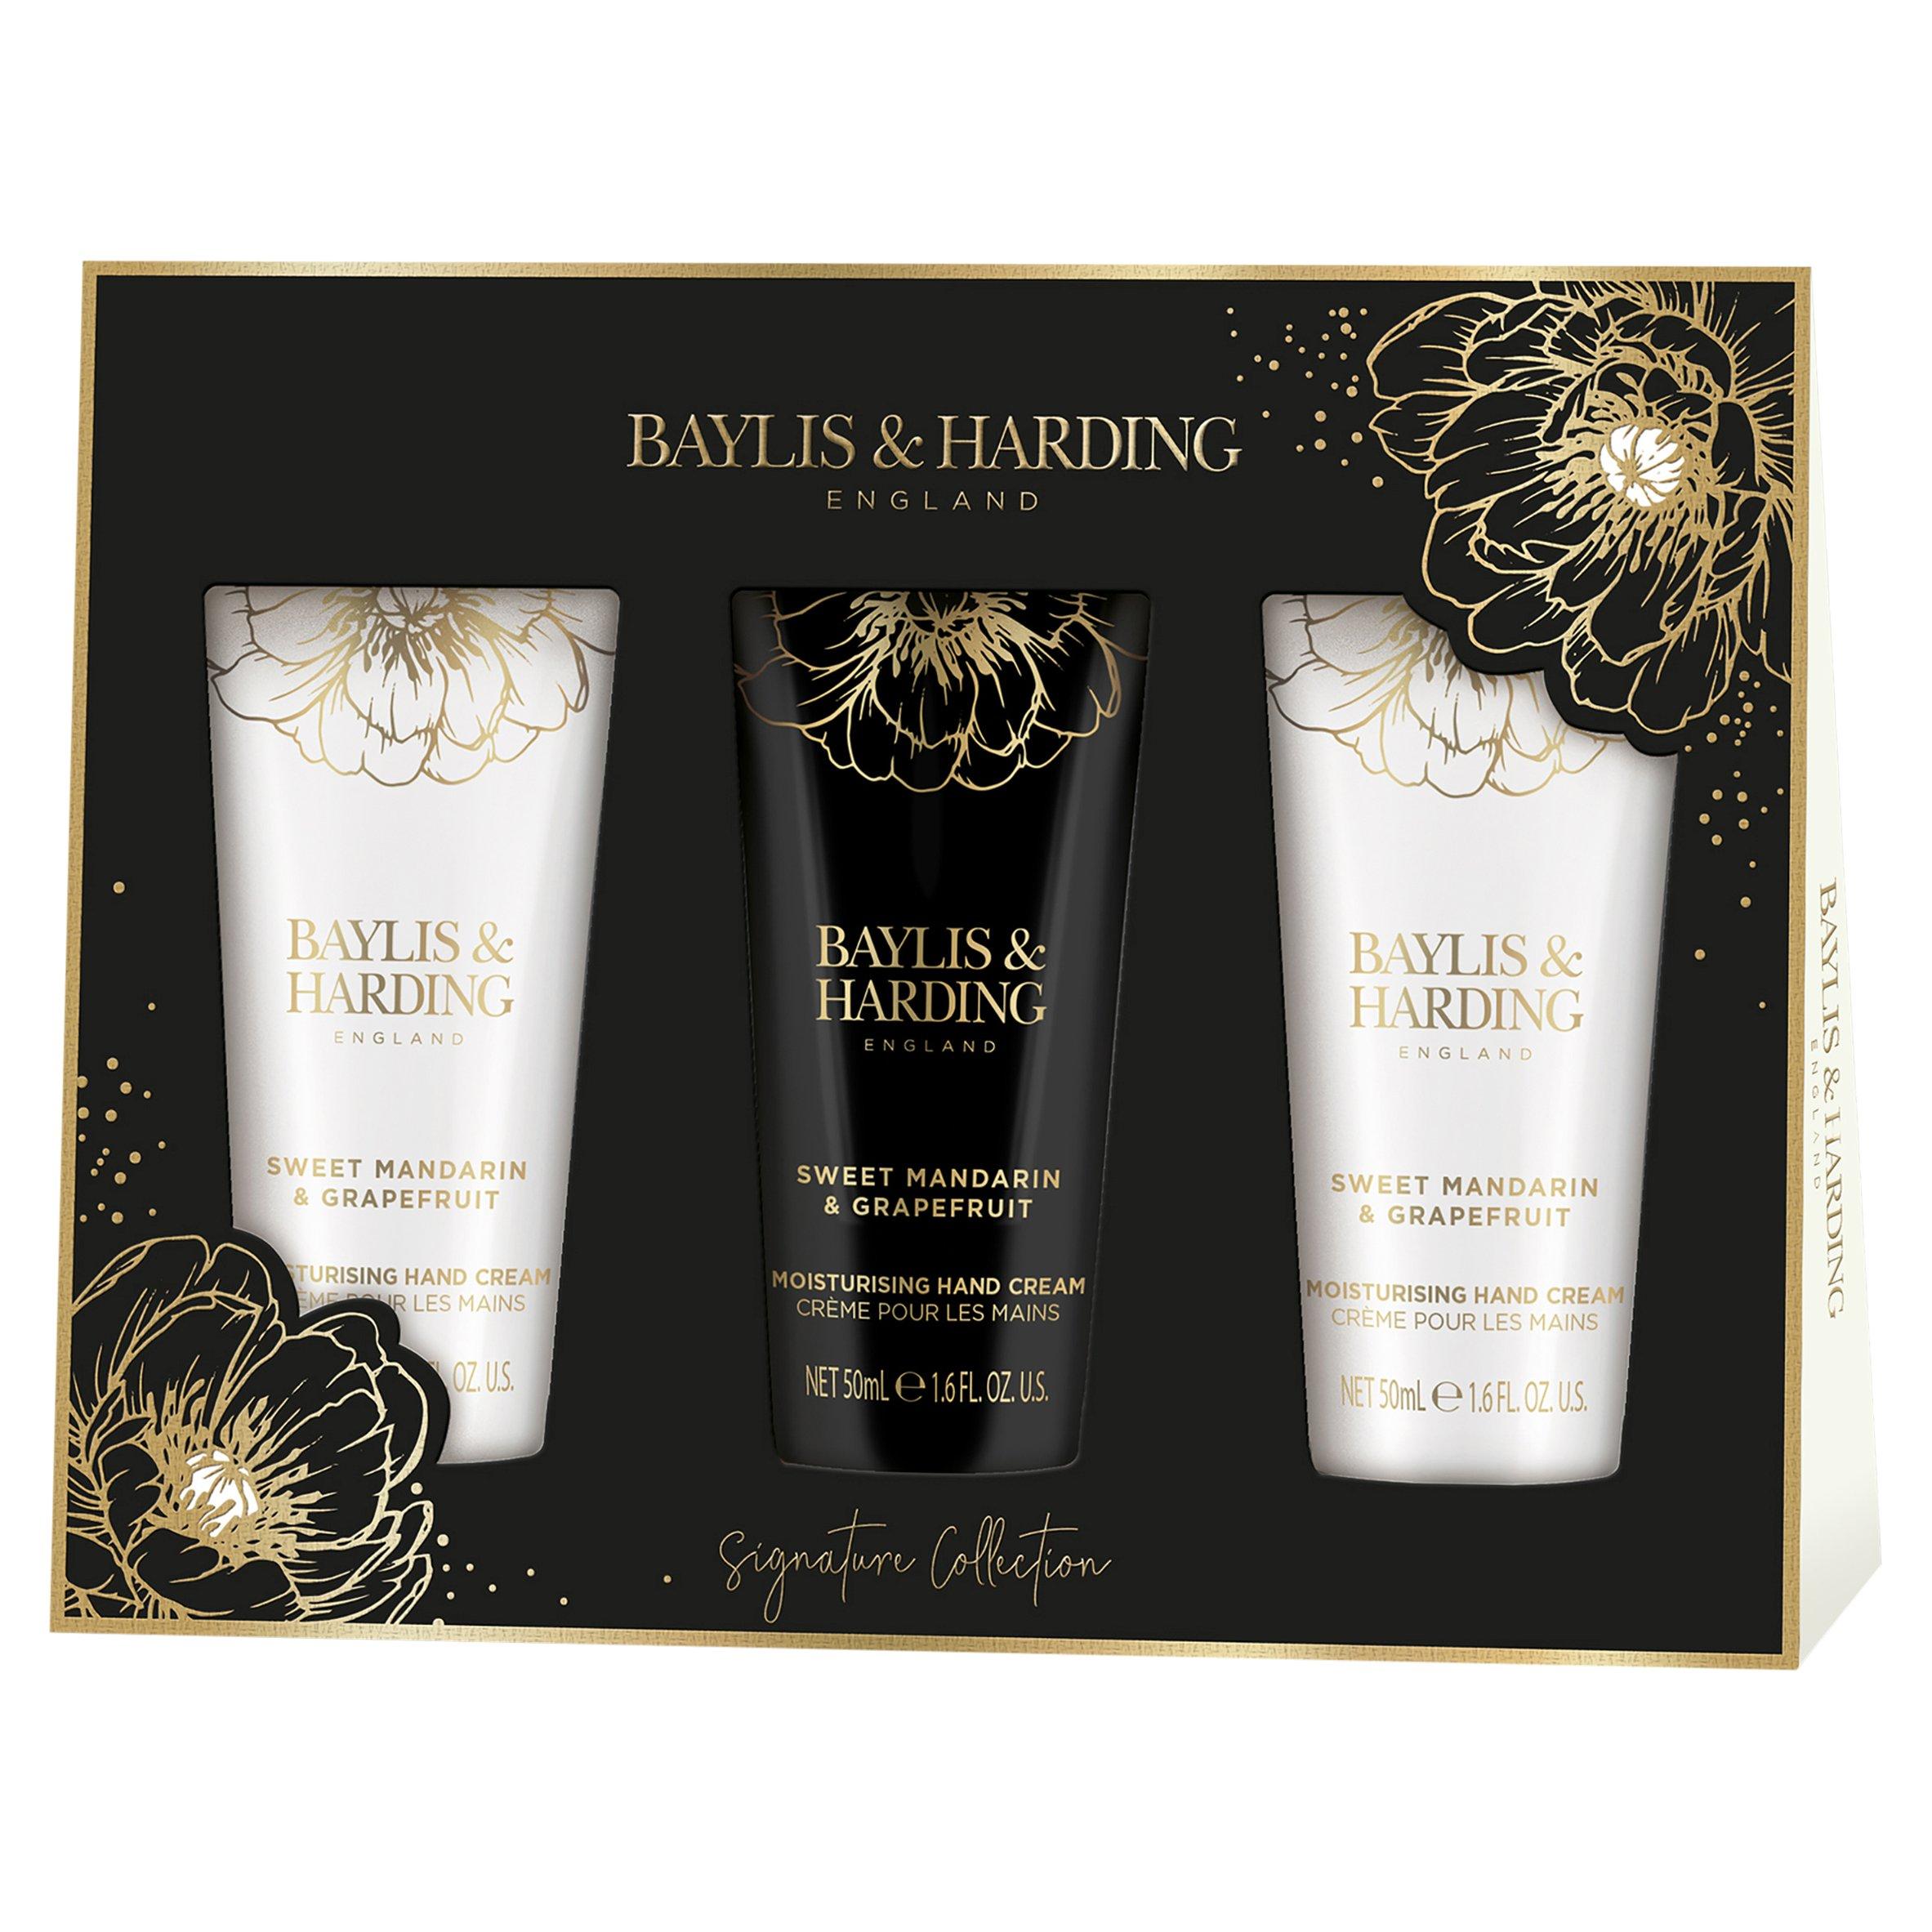 Baylis & Harding Sweet Mandarin & Grapefruit Hand Cream Giftset